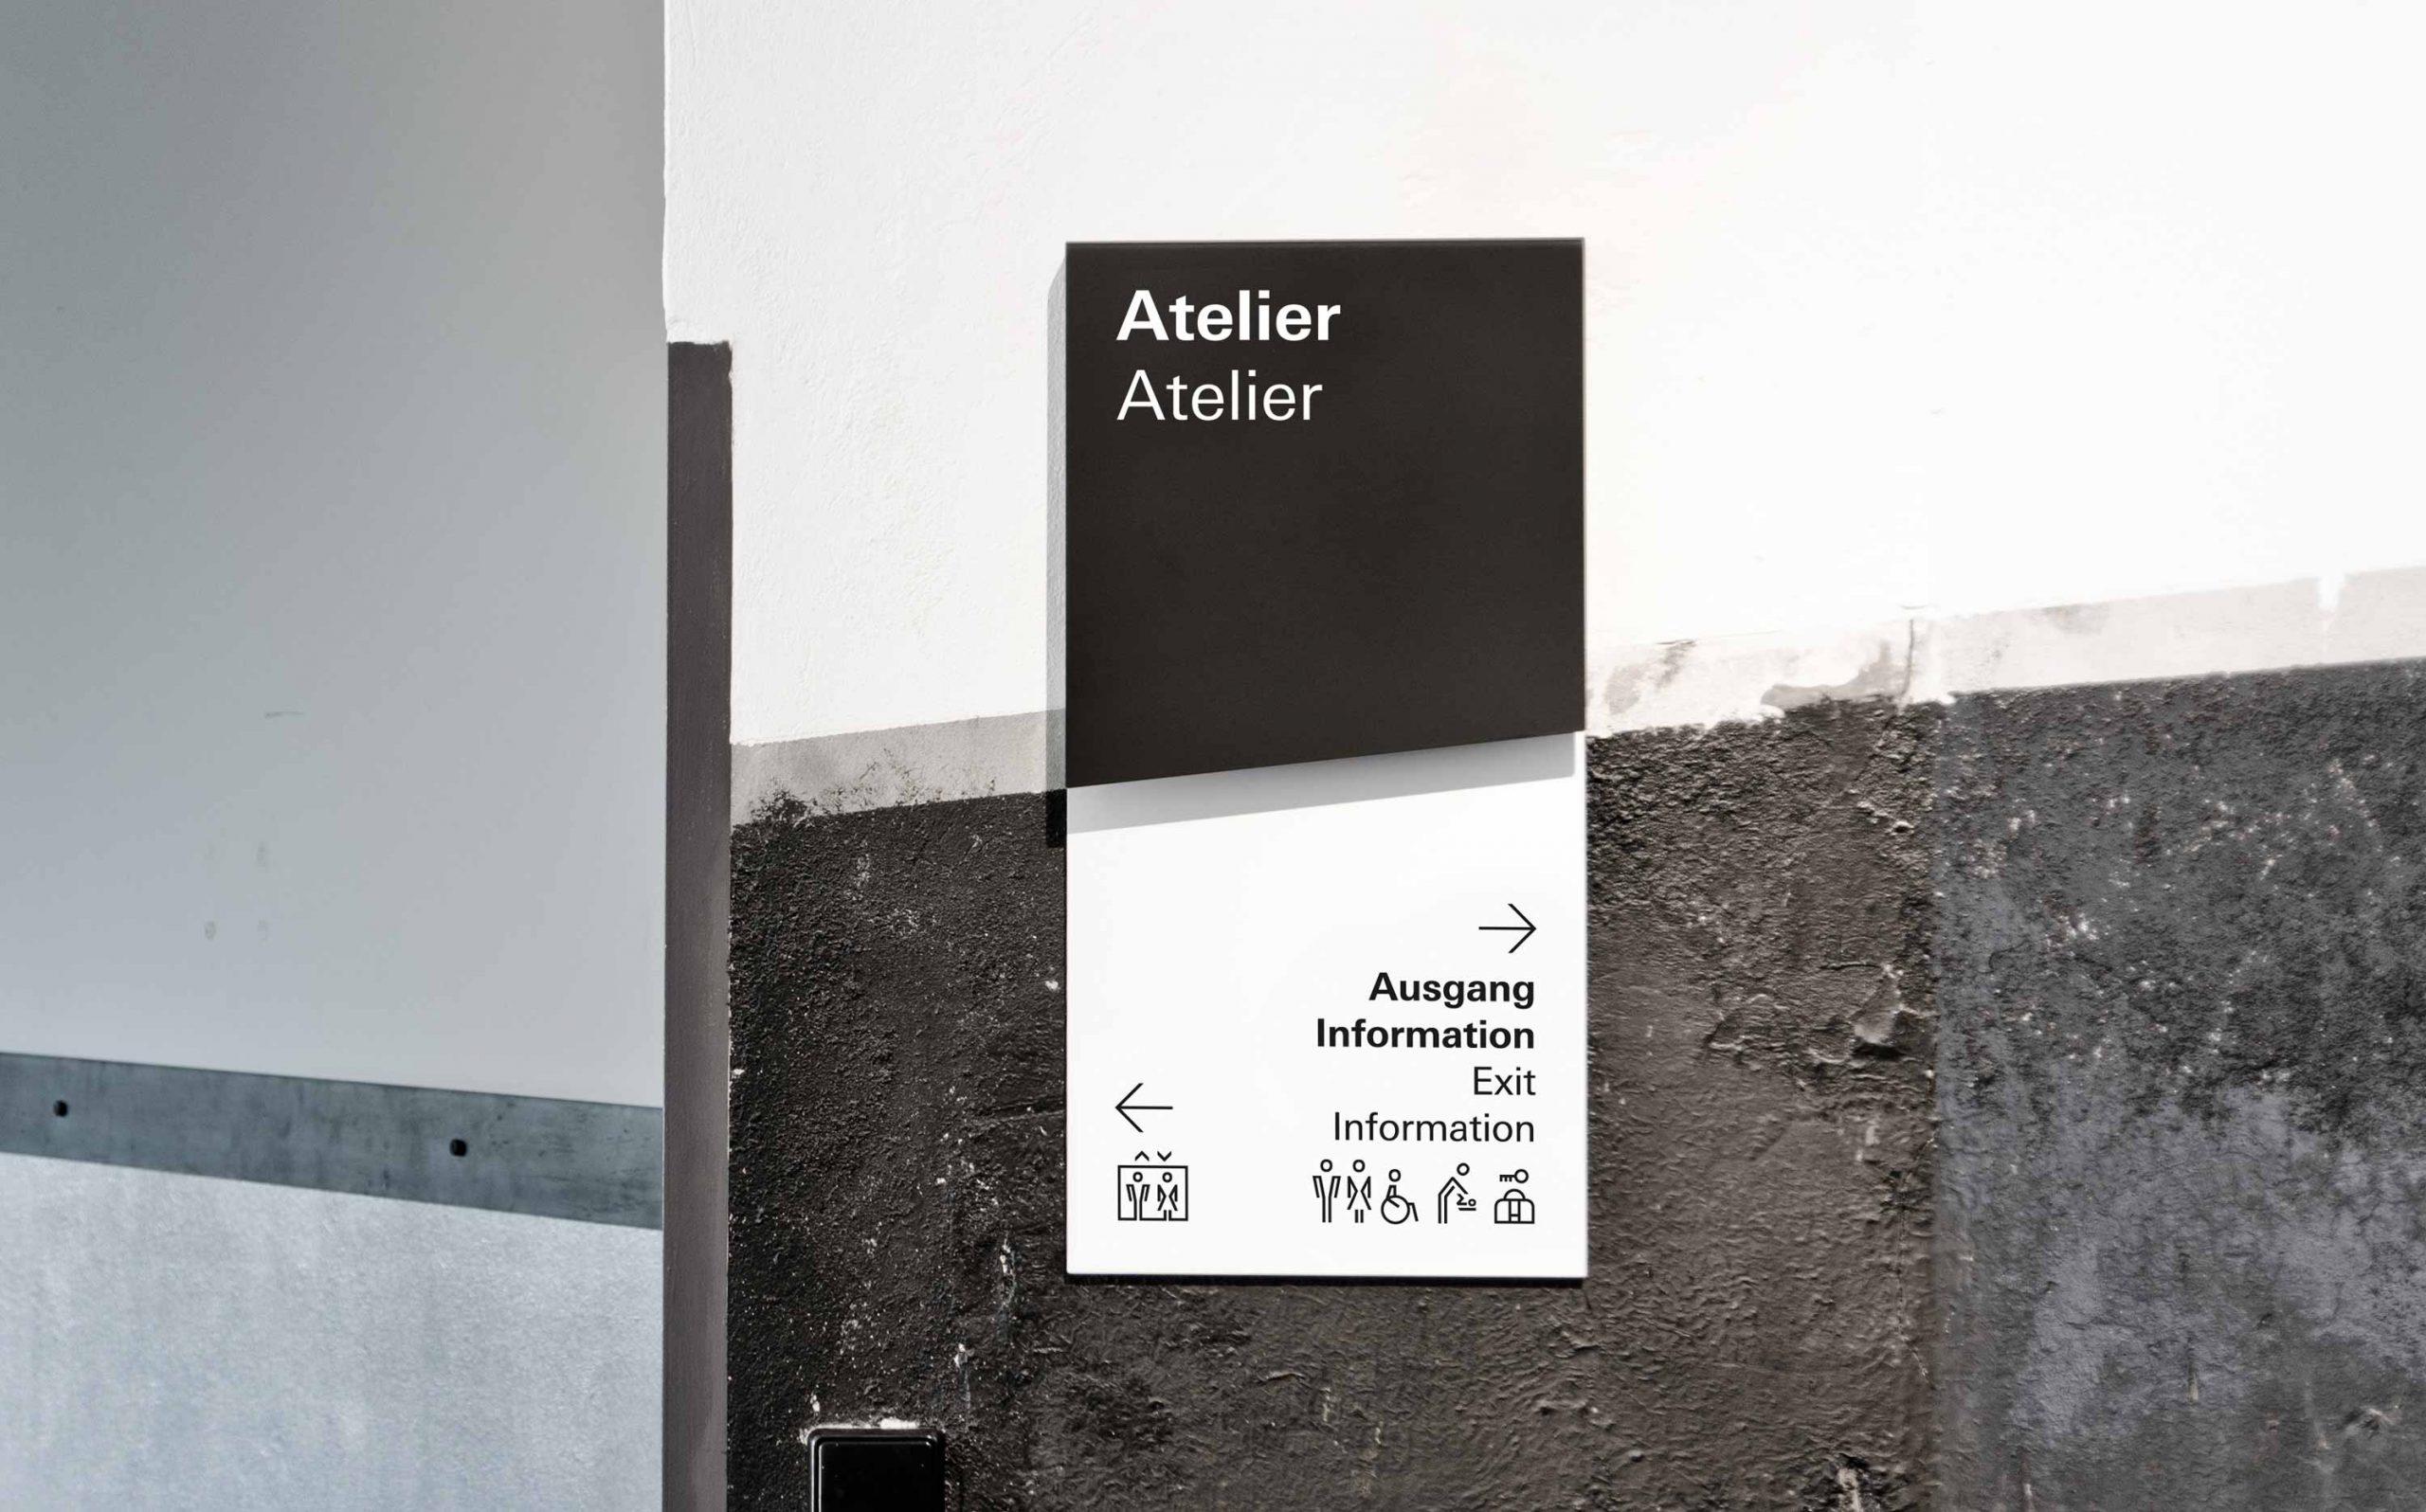 Leitsystem des Museums in der Kulturbrauerei, zweiteiliges Schild, mit oberer schwarzer Primärinformation und unterer Sekundärinformation auf weiß, direkt aufgebracht auf eine der historischen Bestandswände (Denkmalschutz). Wegweiser / Zielbestätigung, Farbe: RAL 9005 und weiß. Elemente: Schrift (Univers Regular und Univers Bold), Pfeile, Icons